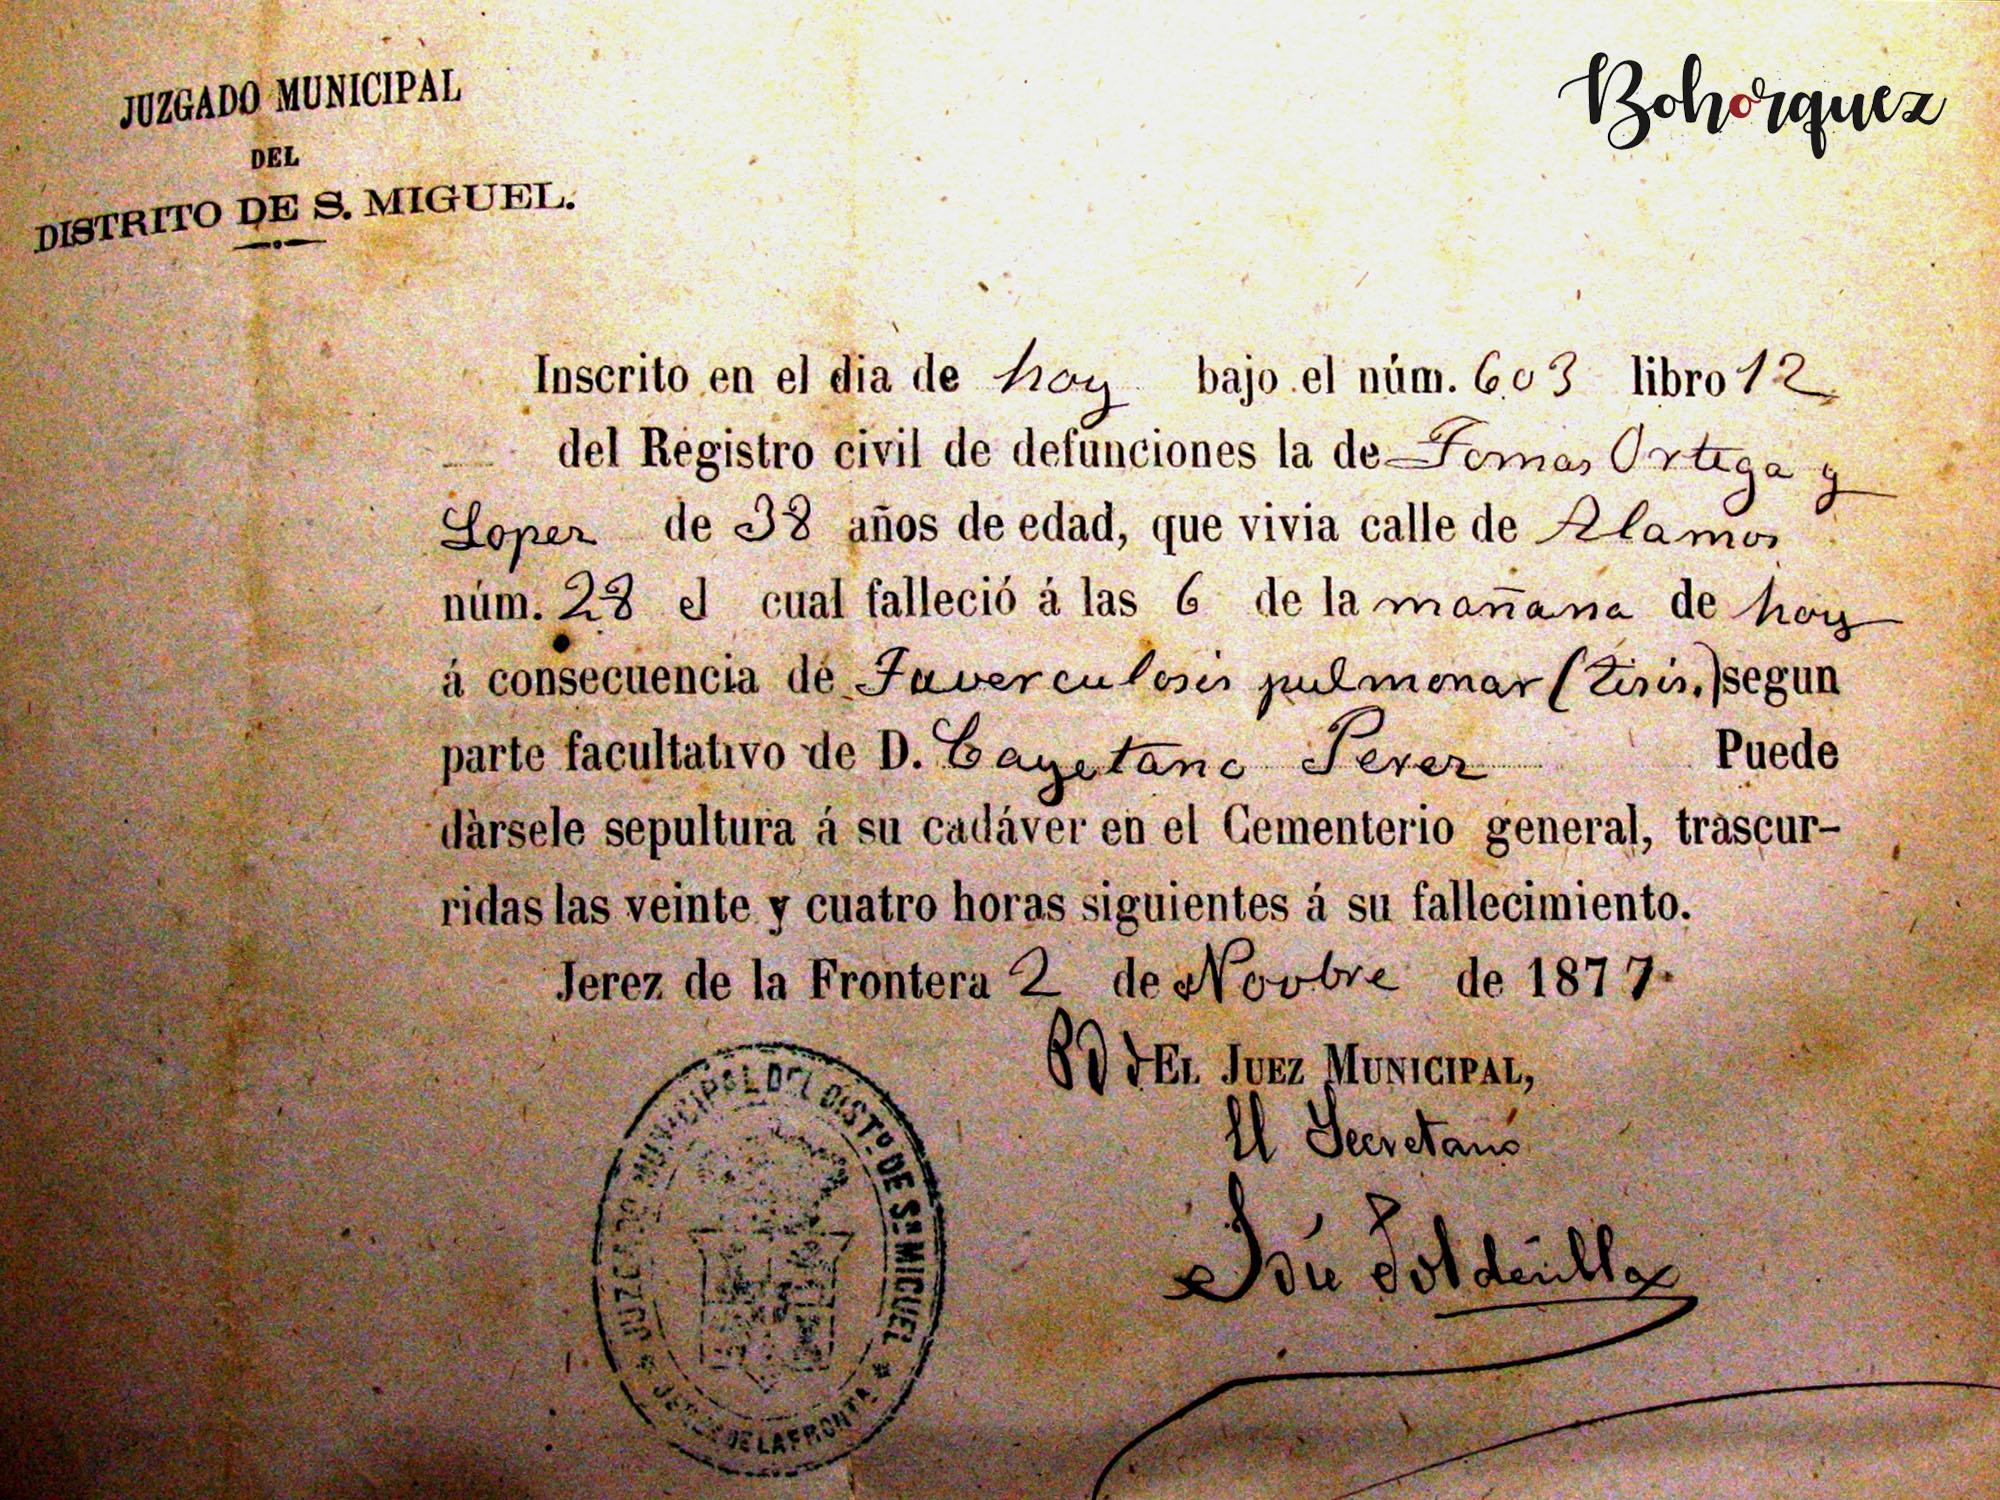 Registro de la defunción de Tomás Ortega López El Nitri. Murió en la calle Álamos en 1877. Manuel Torres nacería en esa misma calle casi tres años después. Archivo Bohórquez.